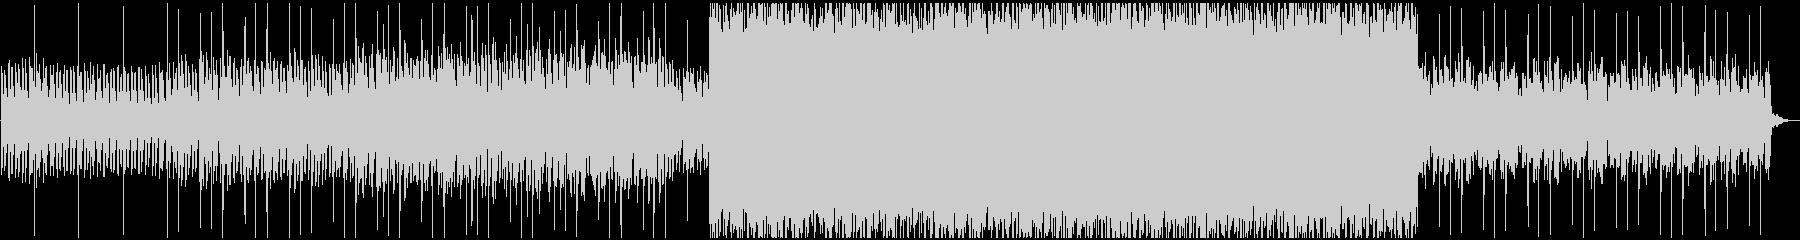 風景シーンなどに合うミニマル型幻想BGMの未再生の波形